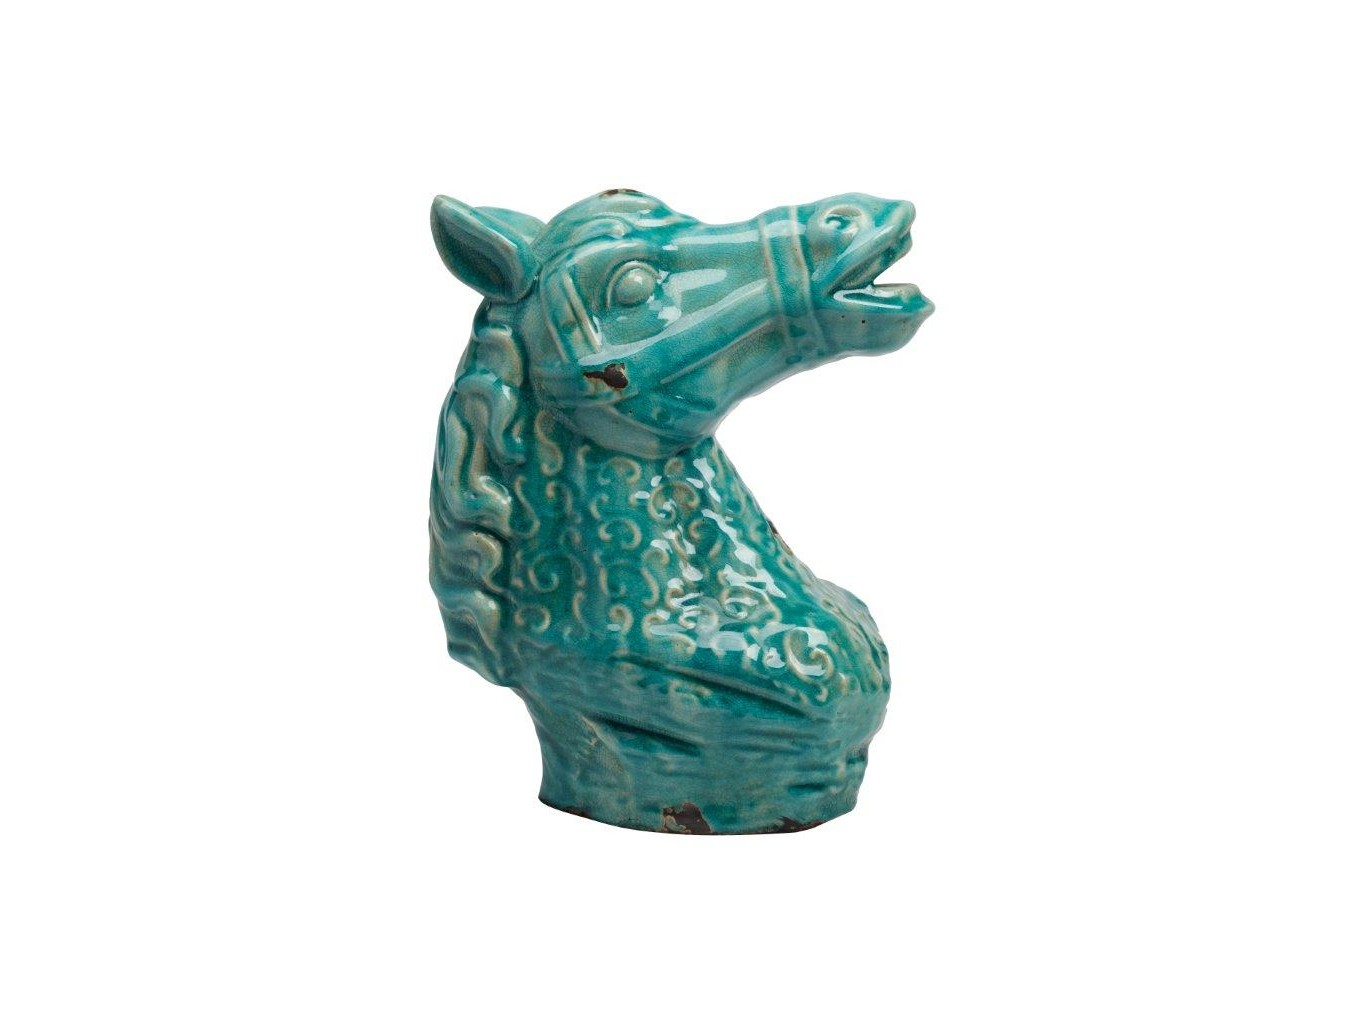 Предмет декора CristobalСтатуэтки<br>Каждый, кто любит окружать себя простыми, из натуральных материалов, старинными предметами, наверняка купит бюст лошади в античном исполнении. Голова лошади выполнена в динамичной позе из керамики, покрыта глазурью зелёного цвета с признаками состаривания данной скульптуры.<br><br>Material: Керамика<br>Width см: 23<br>Depth см: 14<br>Height см: 29